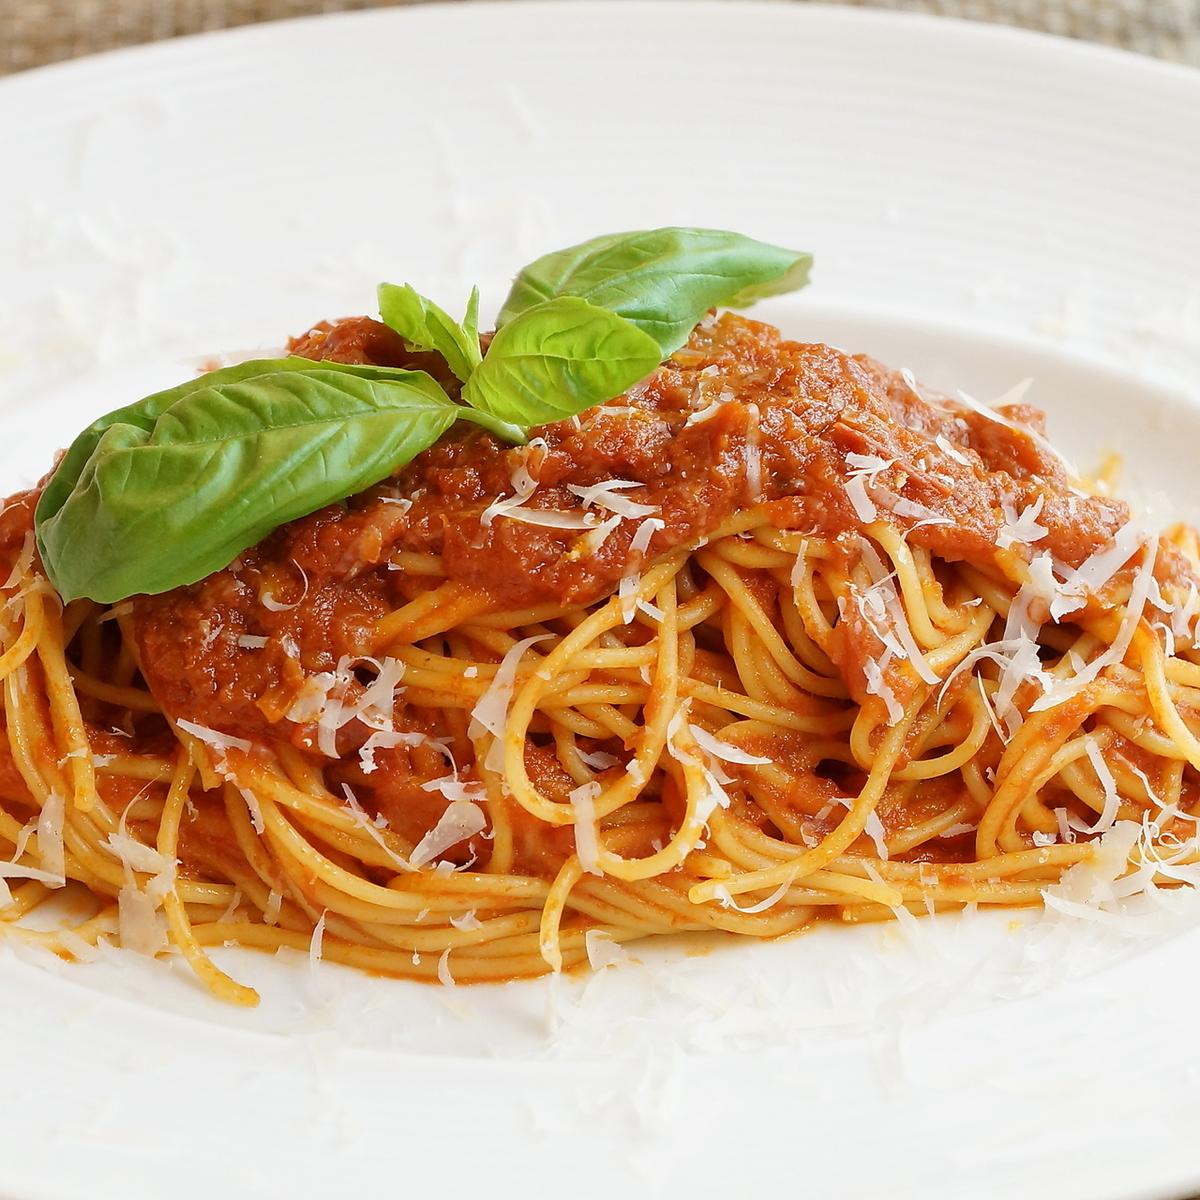 Spaghetti ripe tomato and basil simple tomato sauce